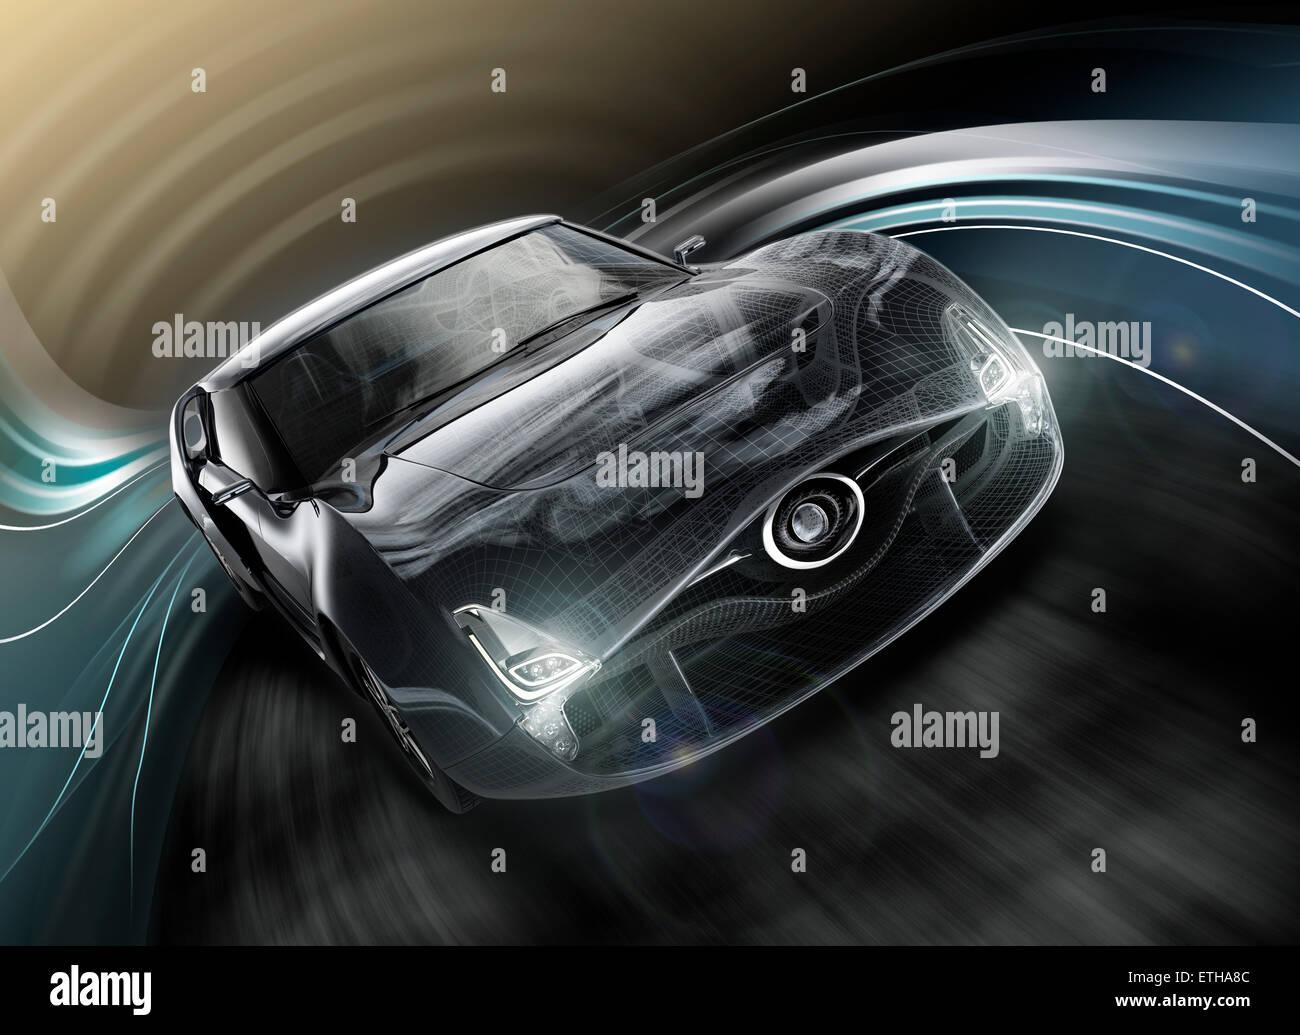 Car Wire Frame Stockfotos & Car Wire Frame Bilder - Alamy